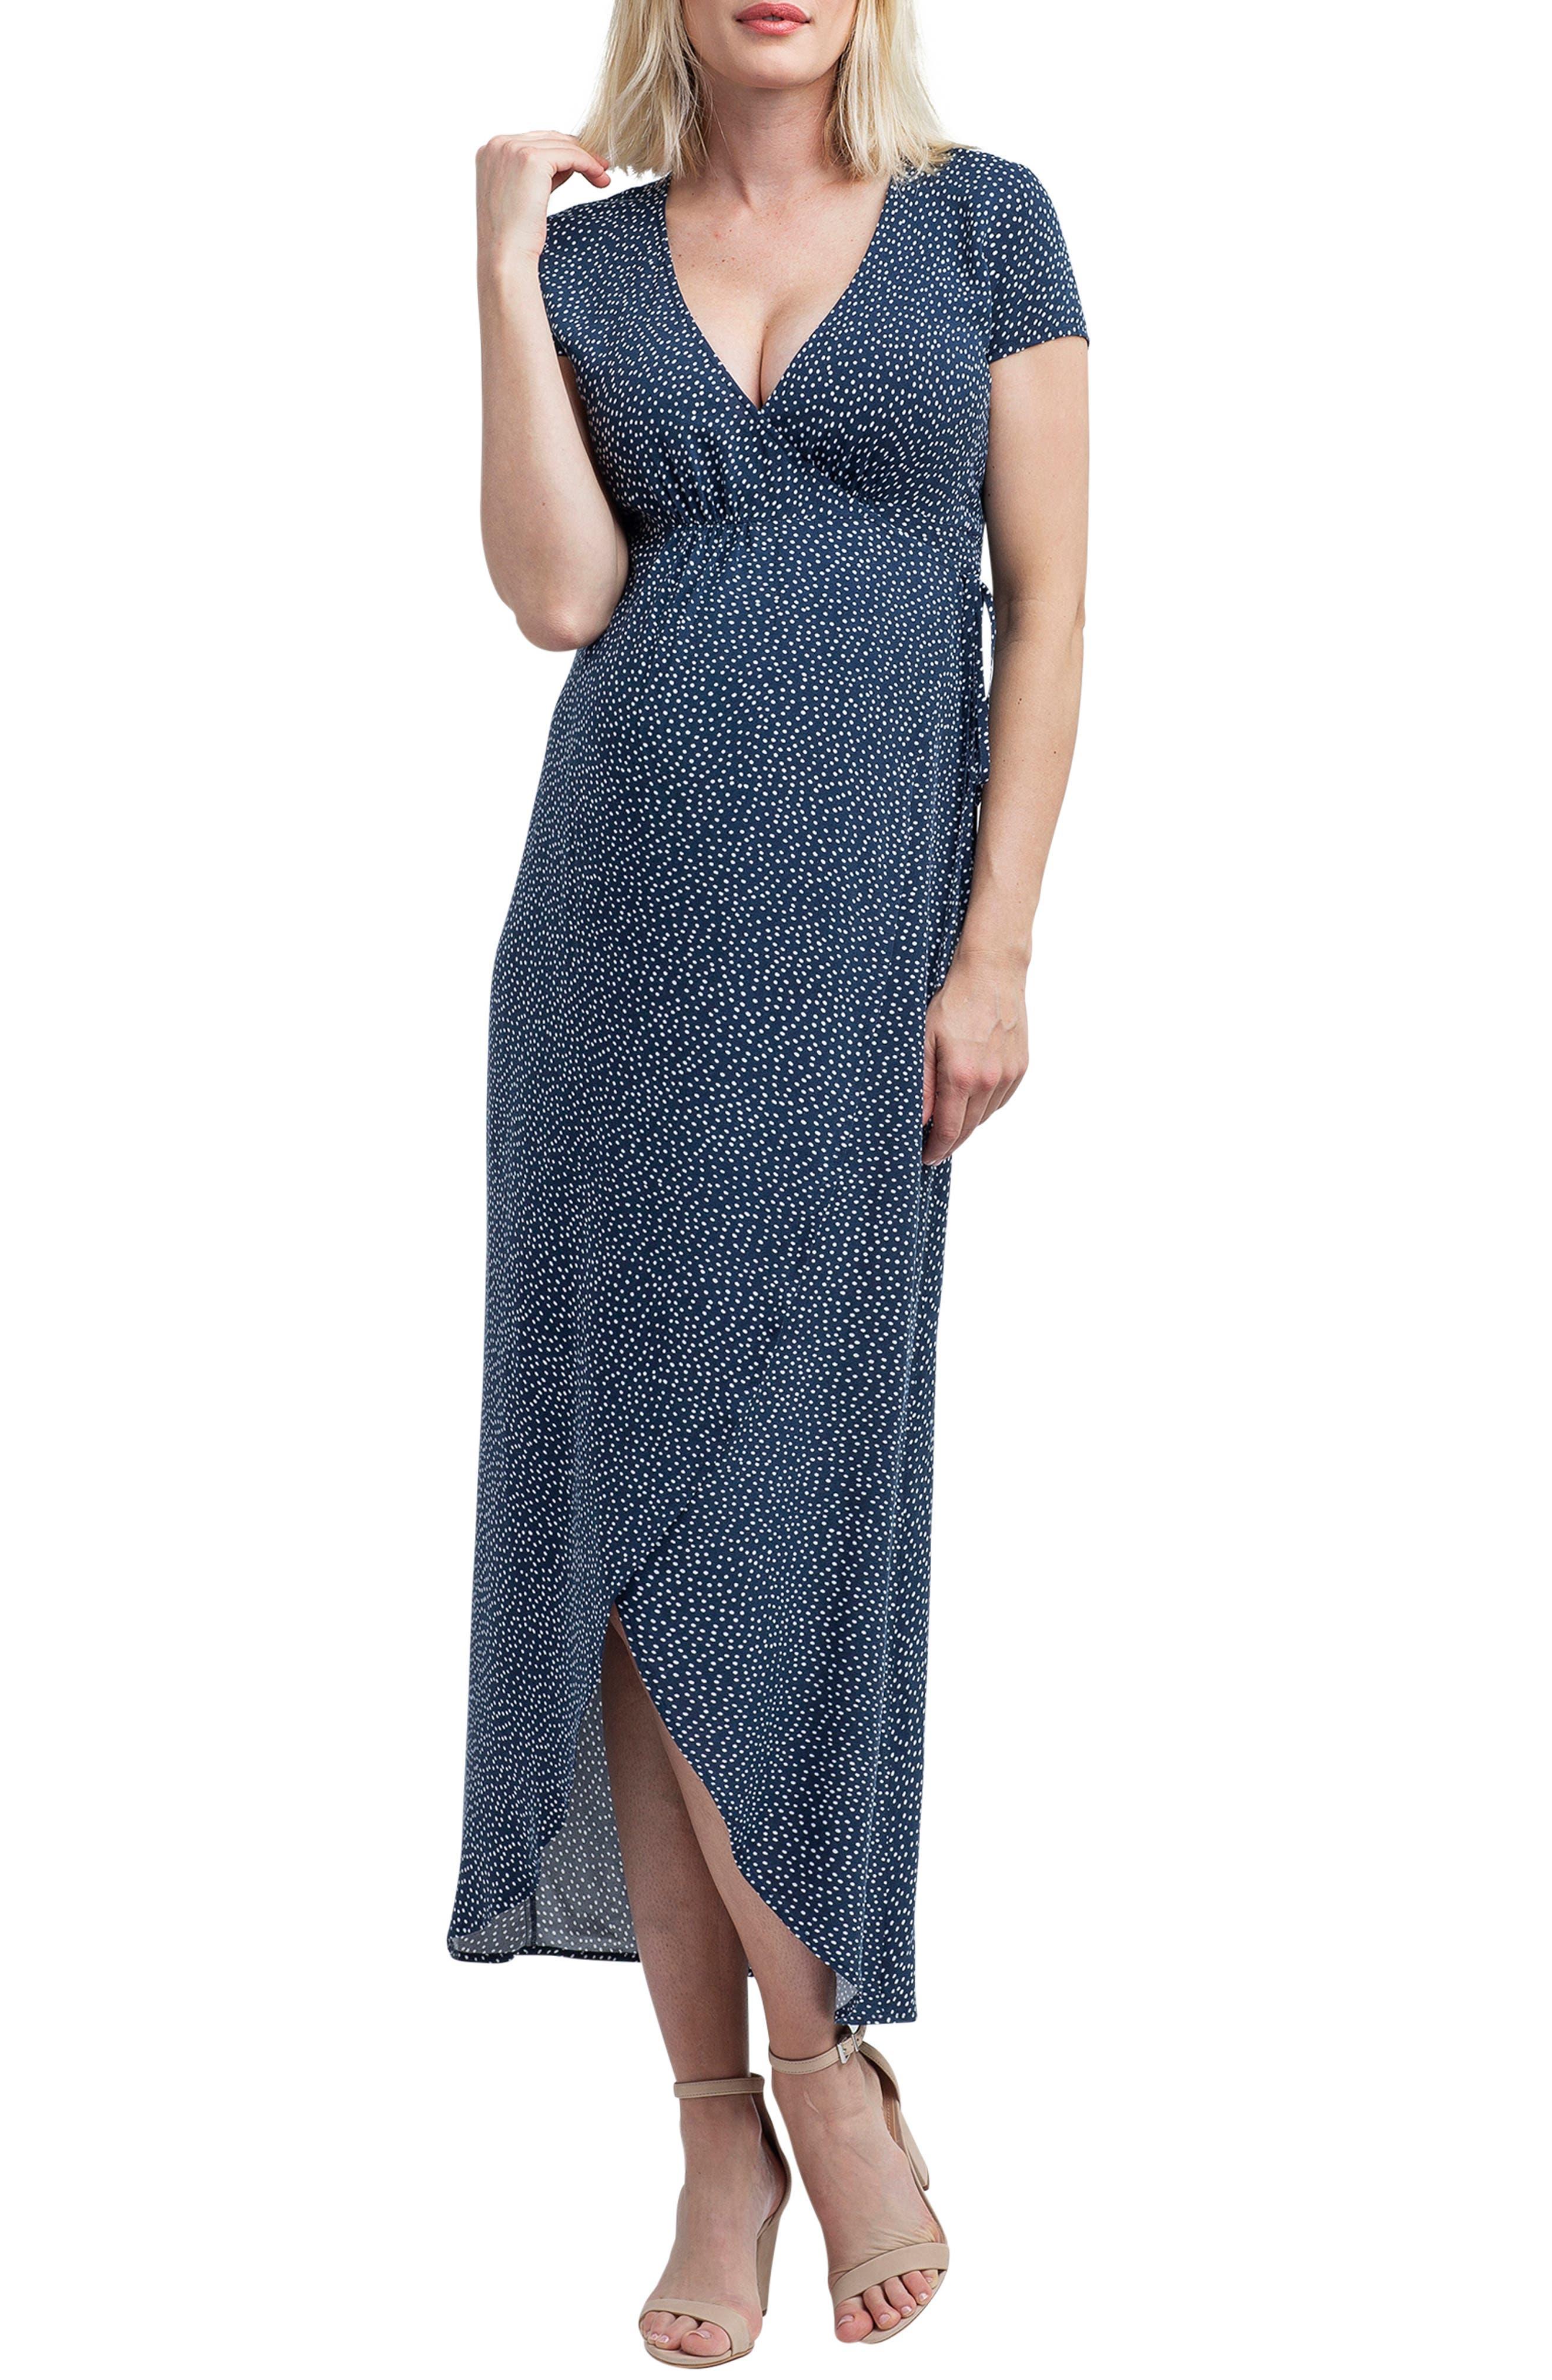 NOM MATERNITY,                             Delilah Maternity/Nursing Wrap Maxi Dress,                             Main thumbnail 1, color,                             400